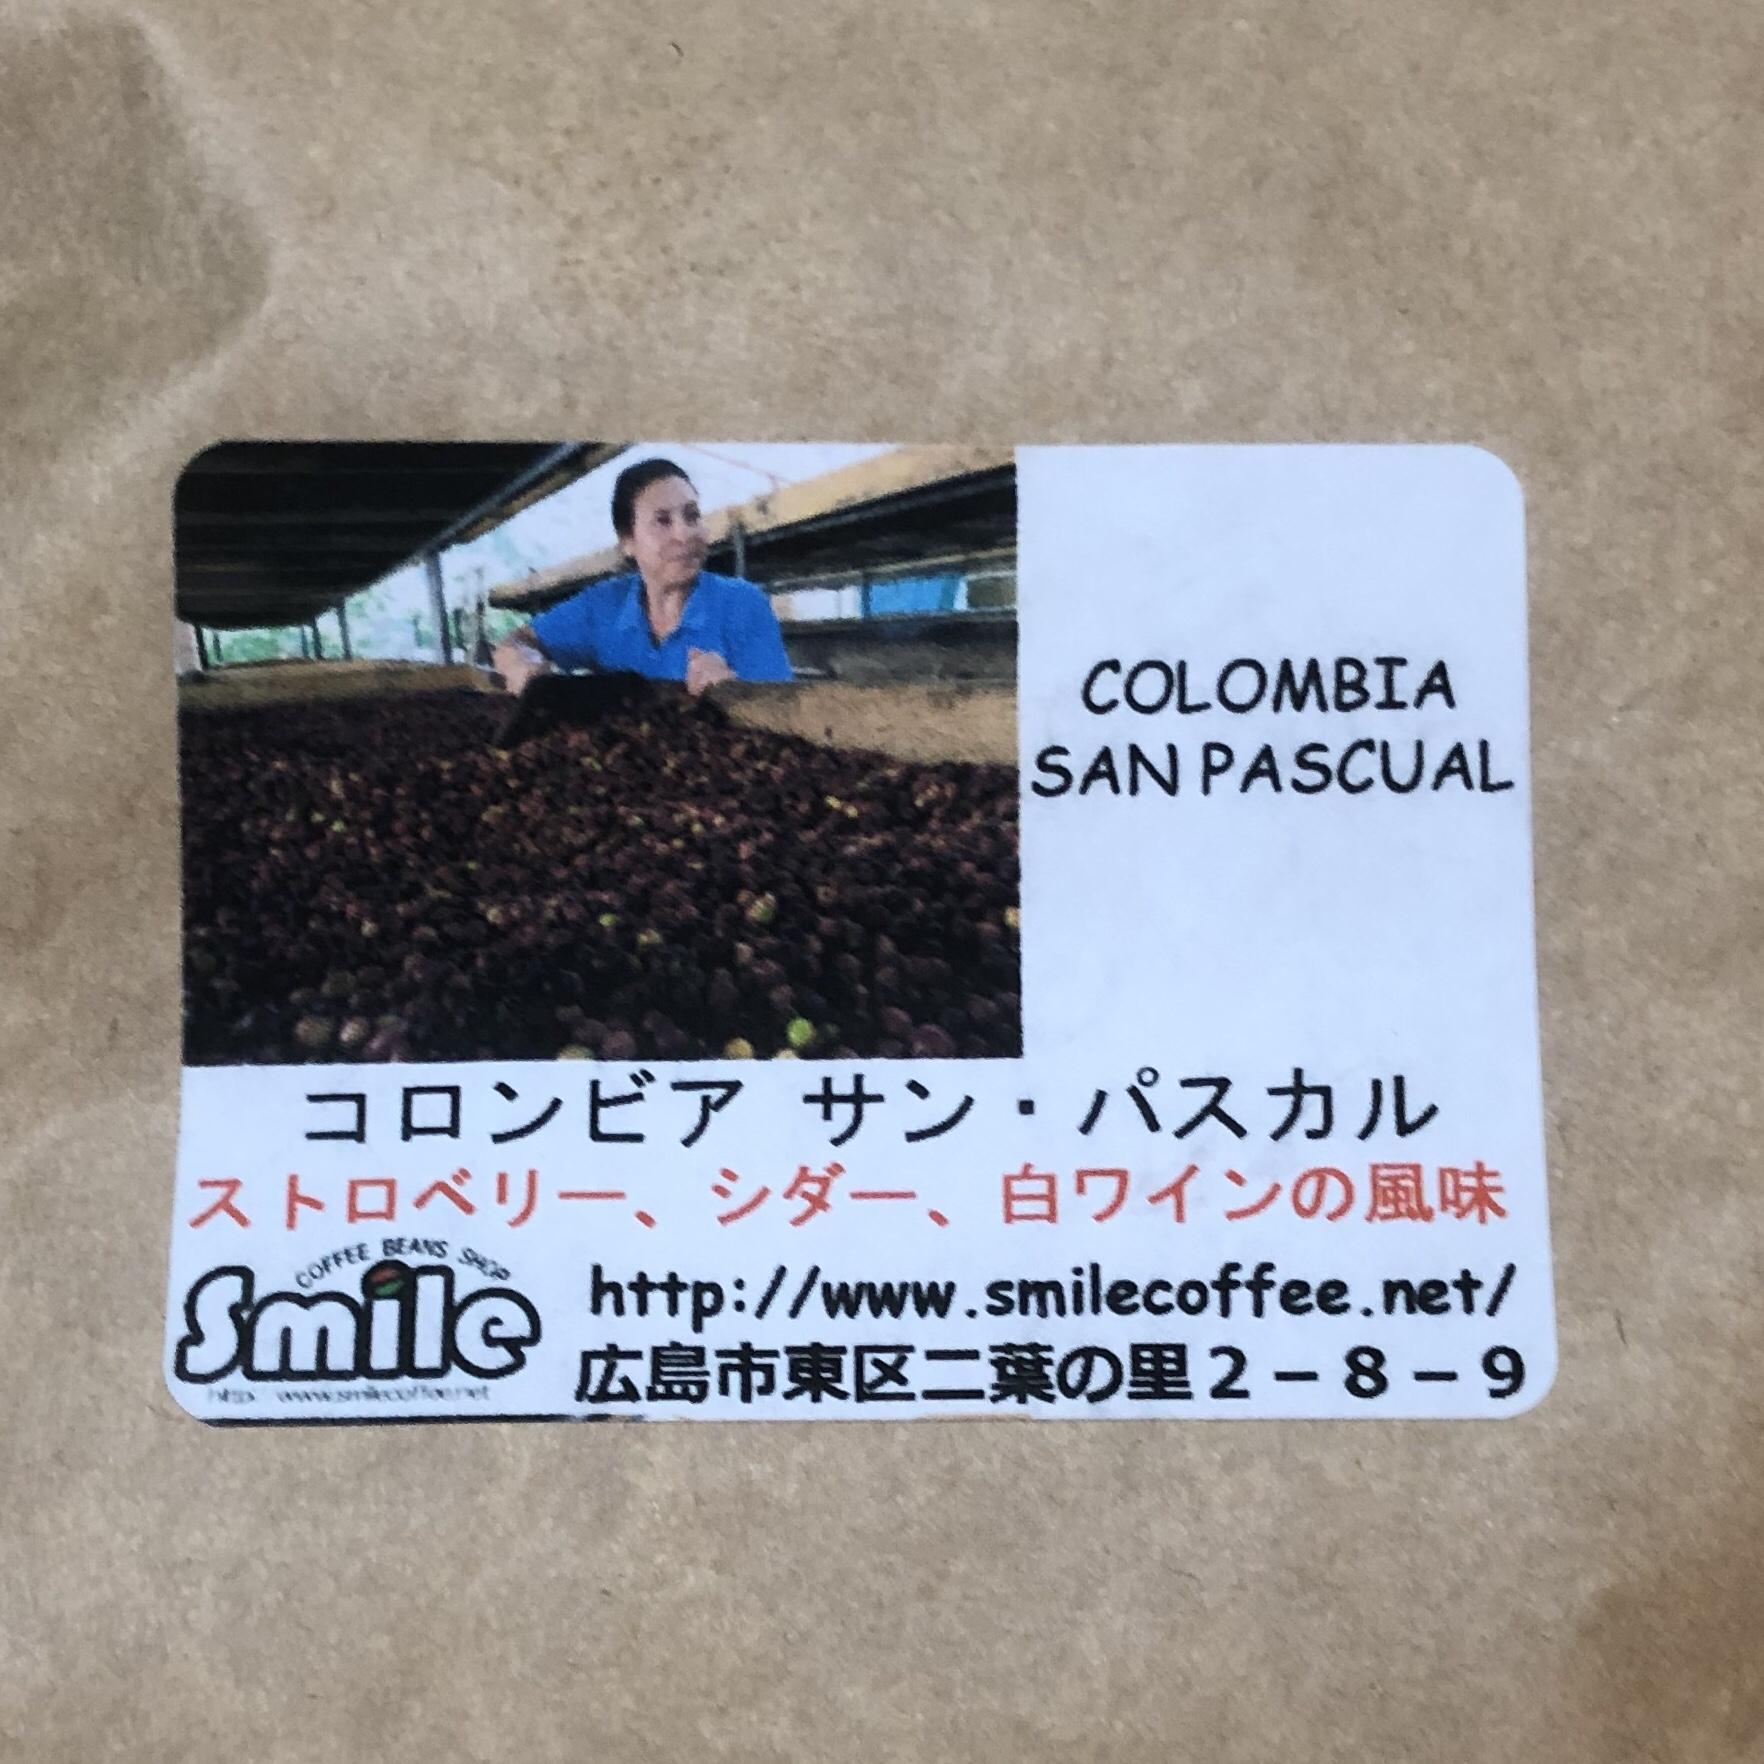 今週のコーヒーは、コロンビアのサンパスカル